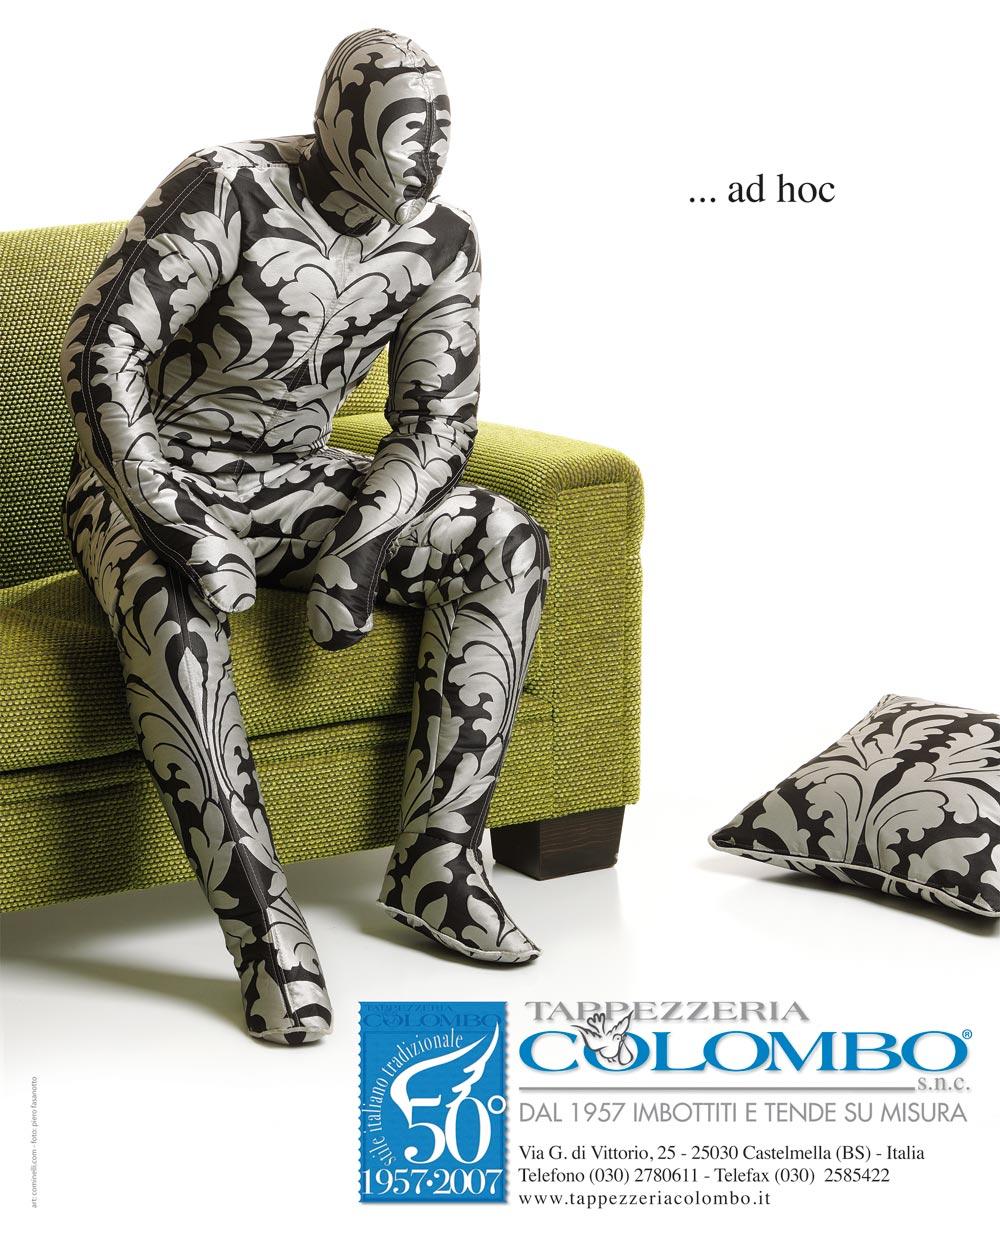 pagina pubblicità colombo-01